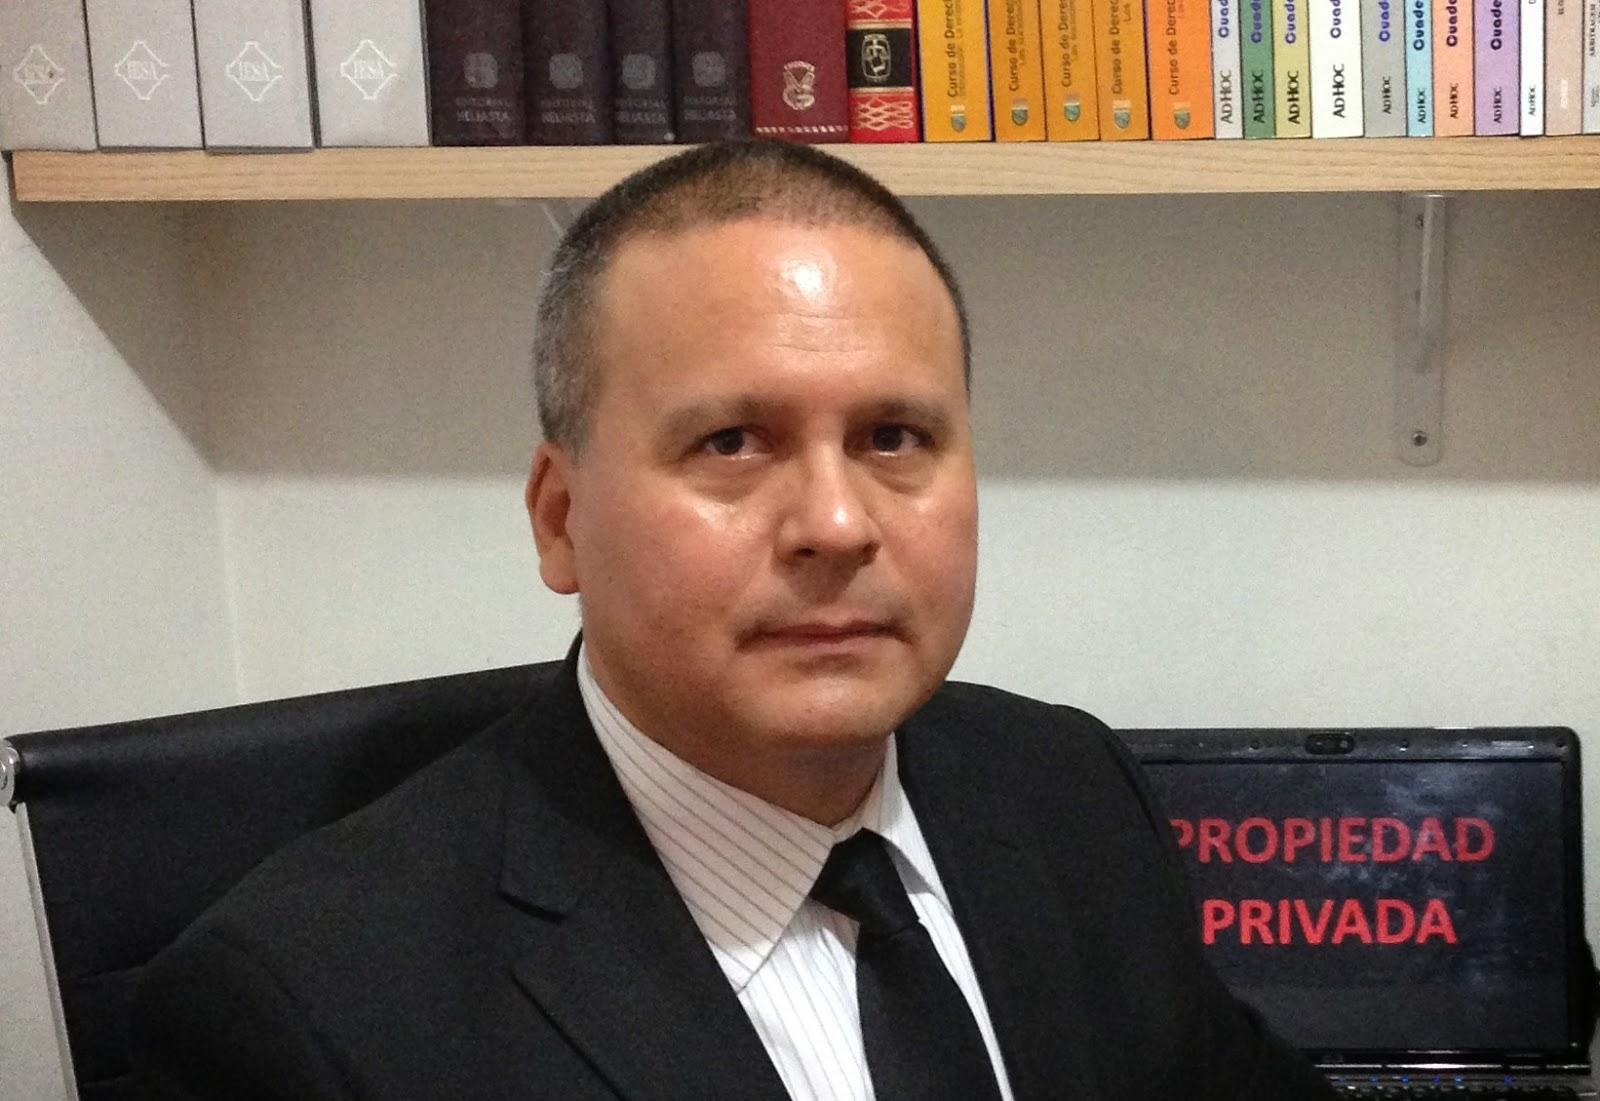 Especialista José Alcalá Franco. Director General de Abogados Corporativos Escritorio Jurídico S. C.